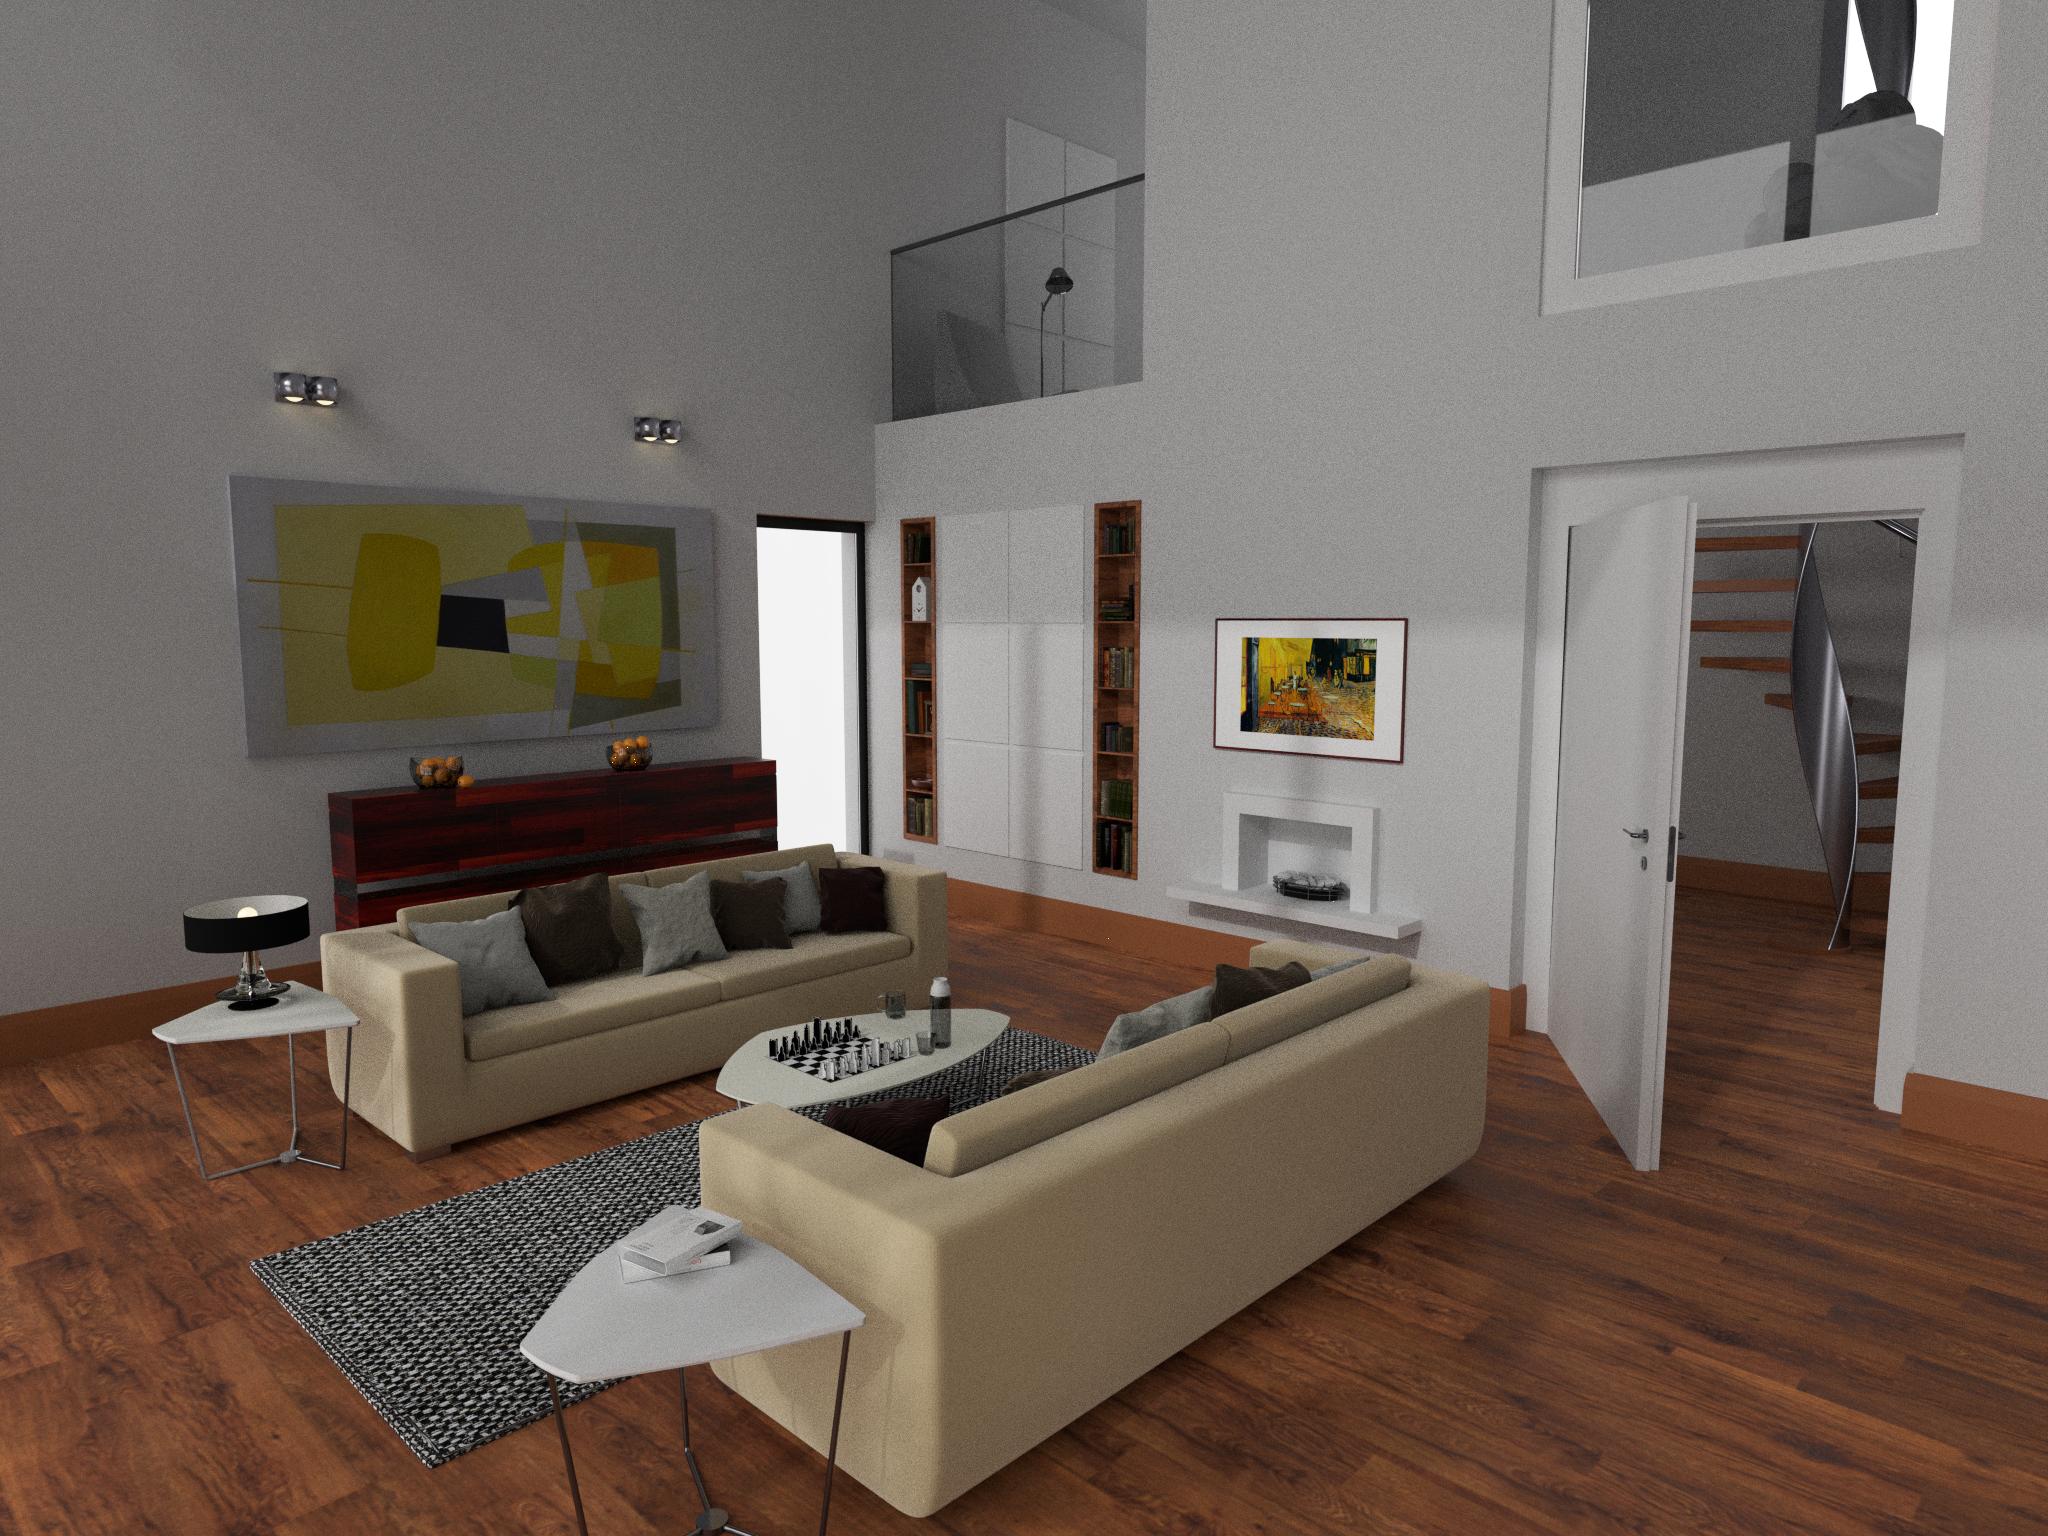 Galeriewohnung - Wohnzimmer